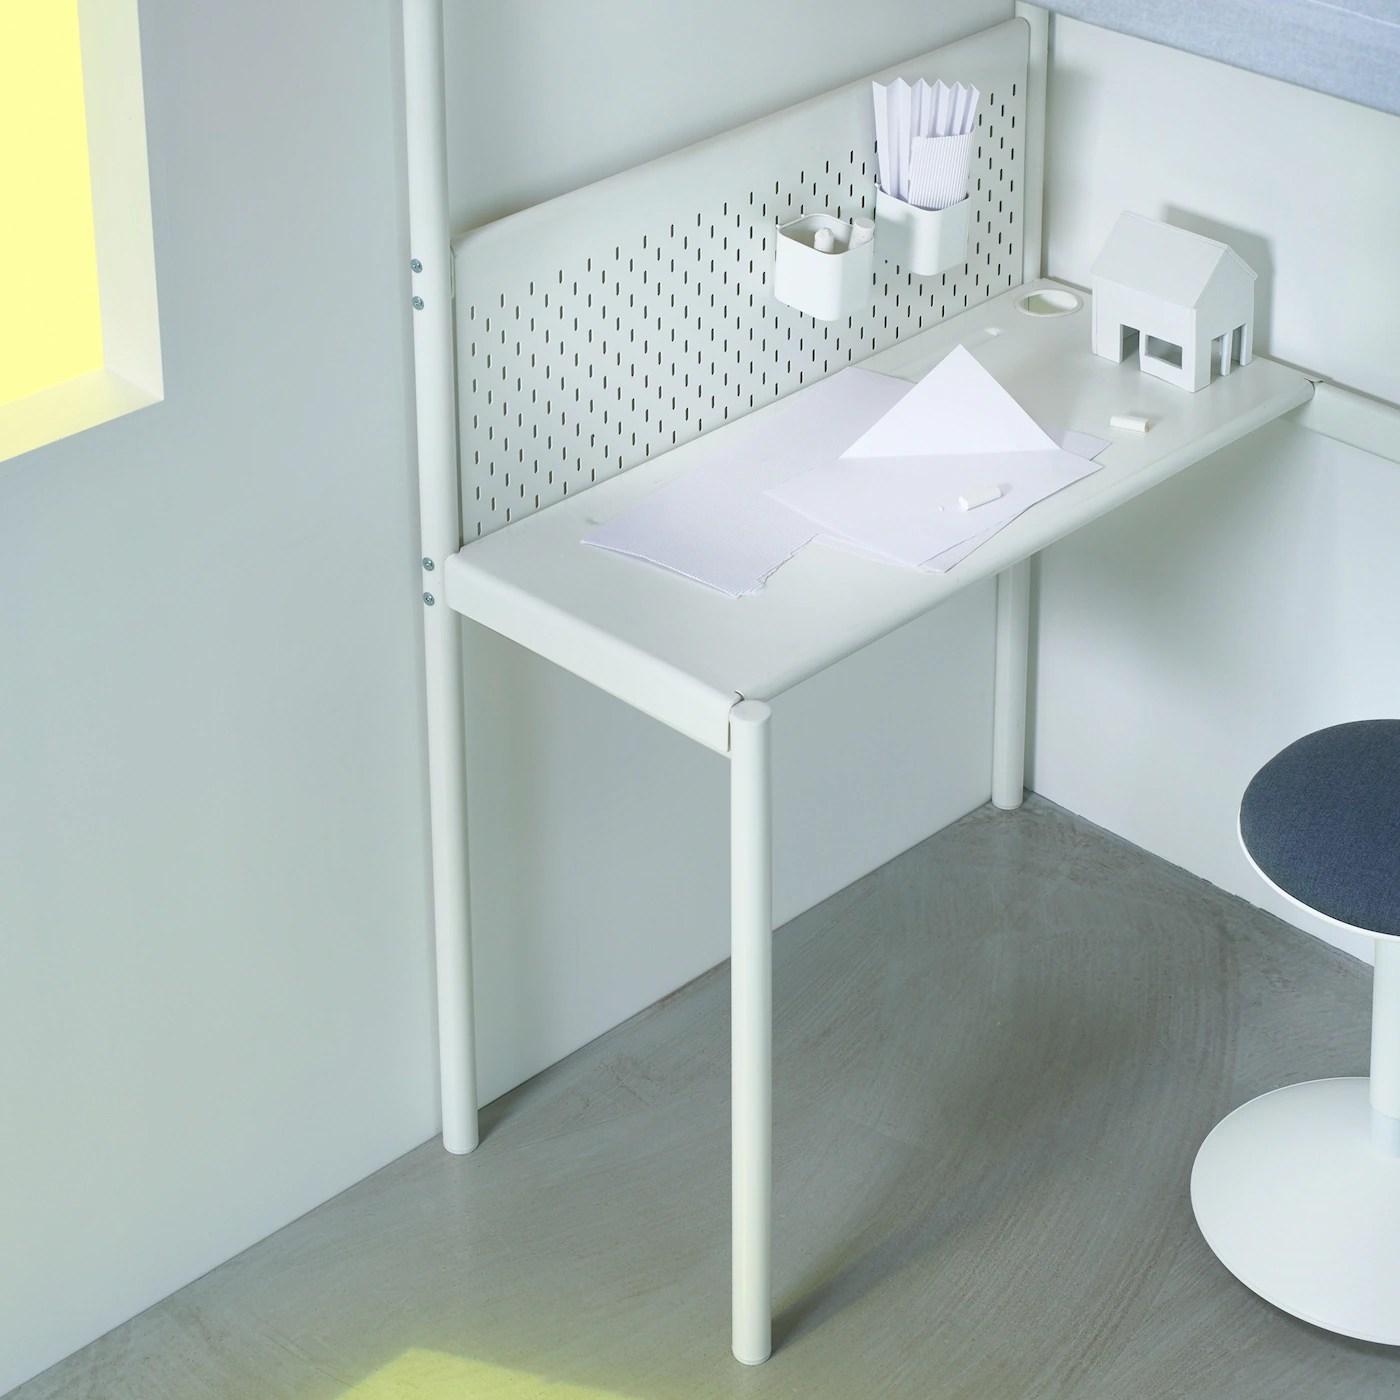 Letti Che Sfruttano Al Meglio Lo Spazio Disponibile Ikea